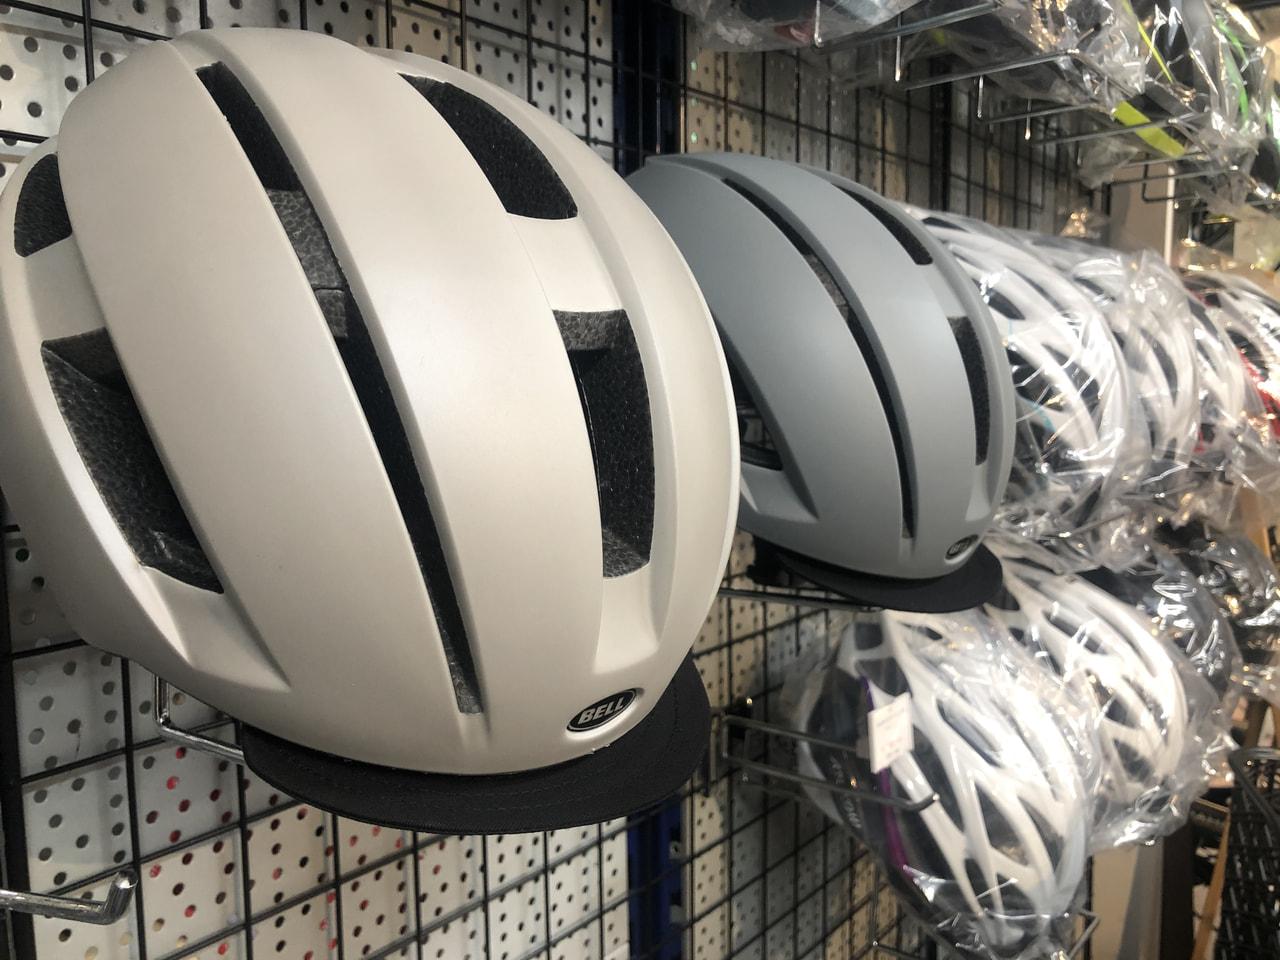 【下鴨店】BELL DAILY ヘルメット【普段使いにピッタリ】